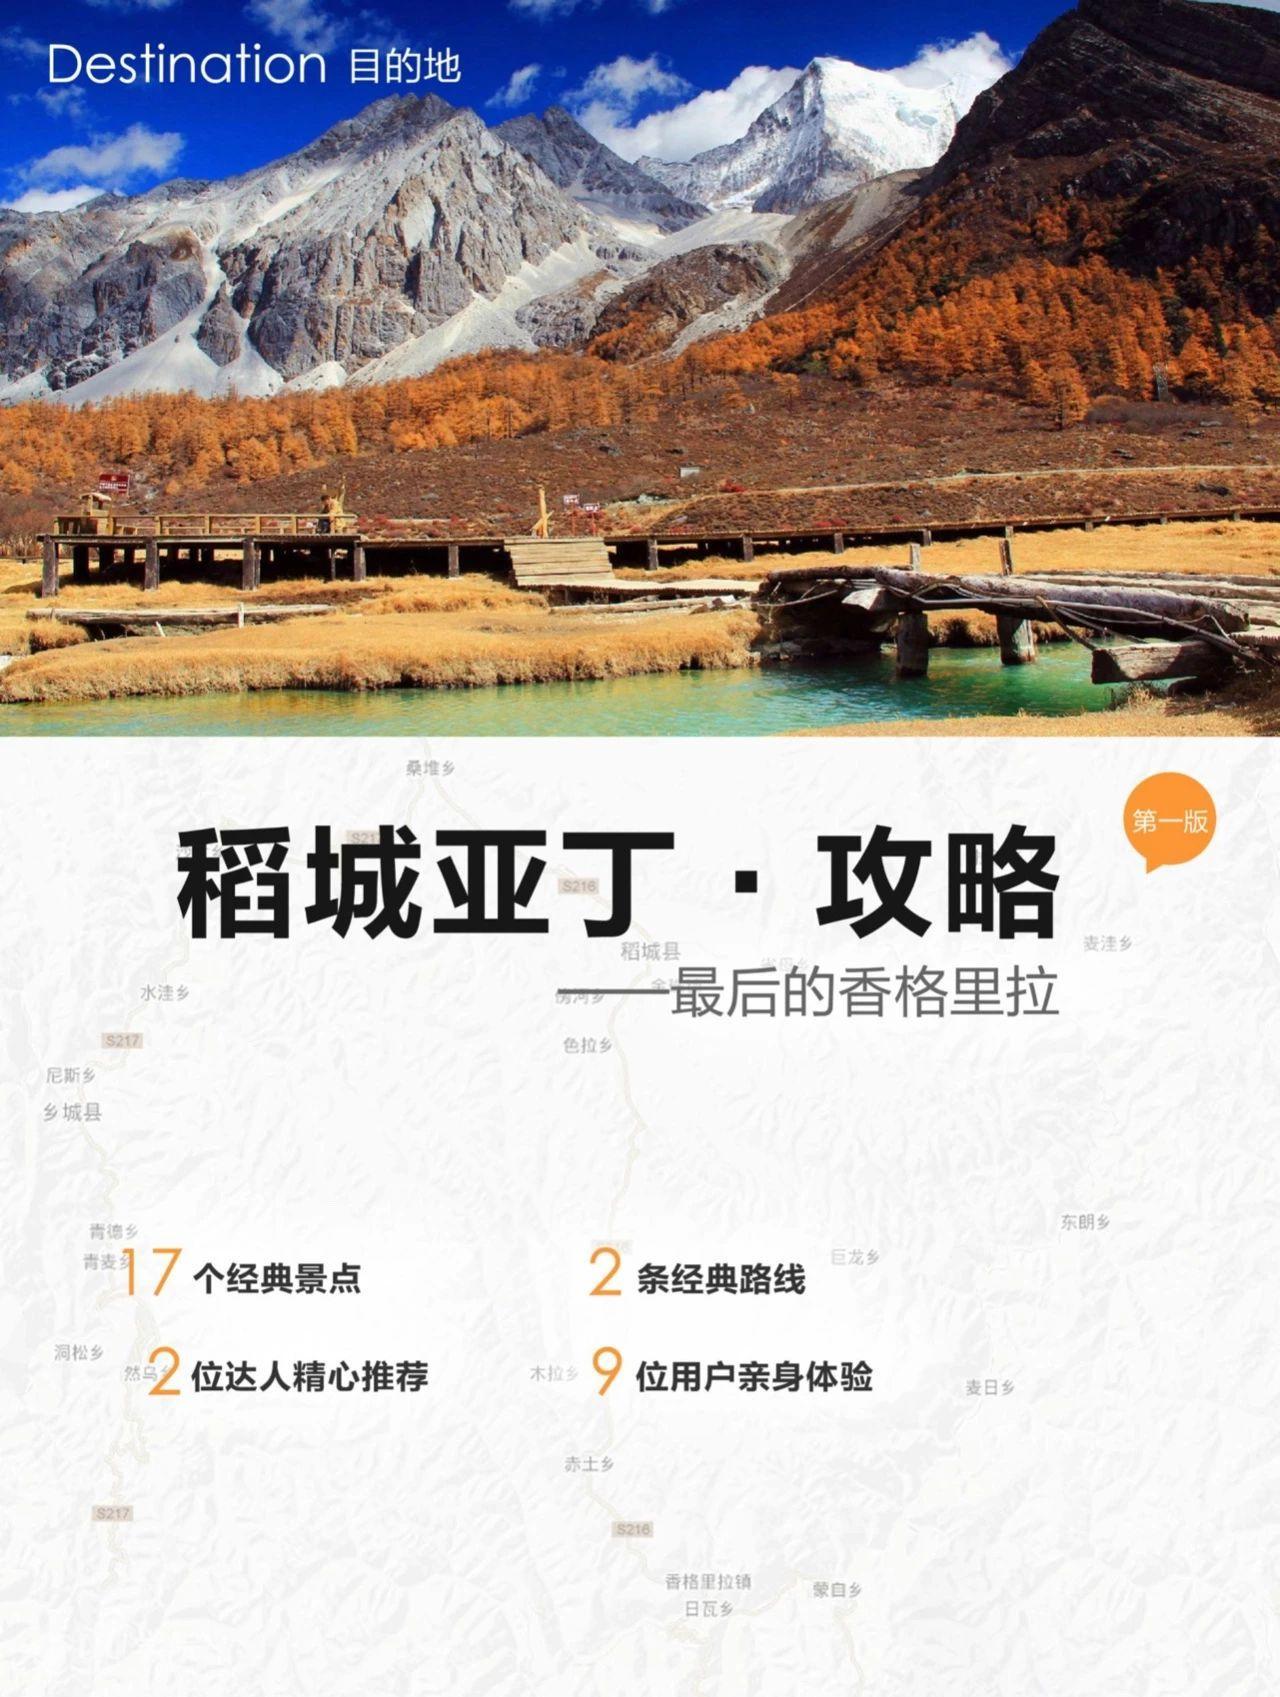 最全国内各地区各大景点旅游攻略图文版